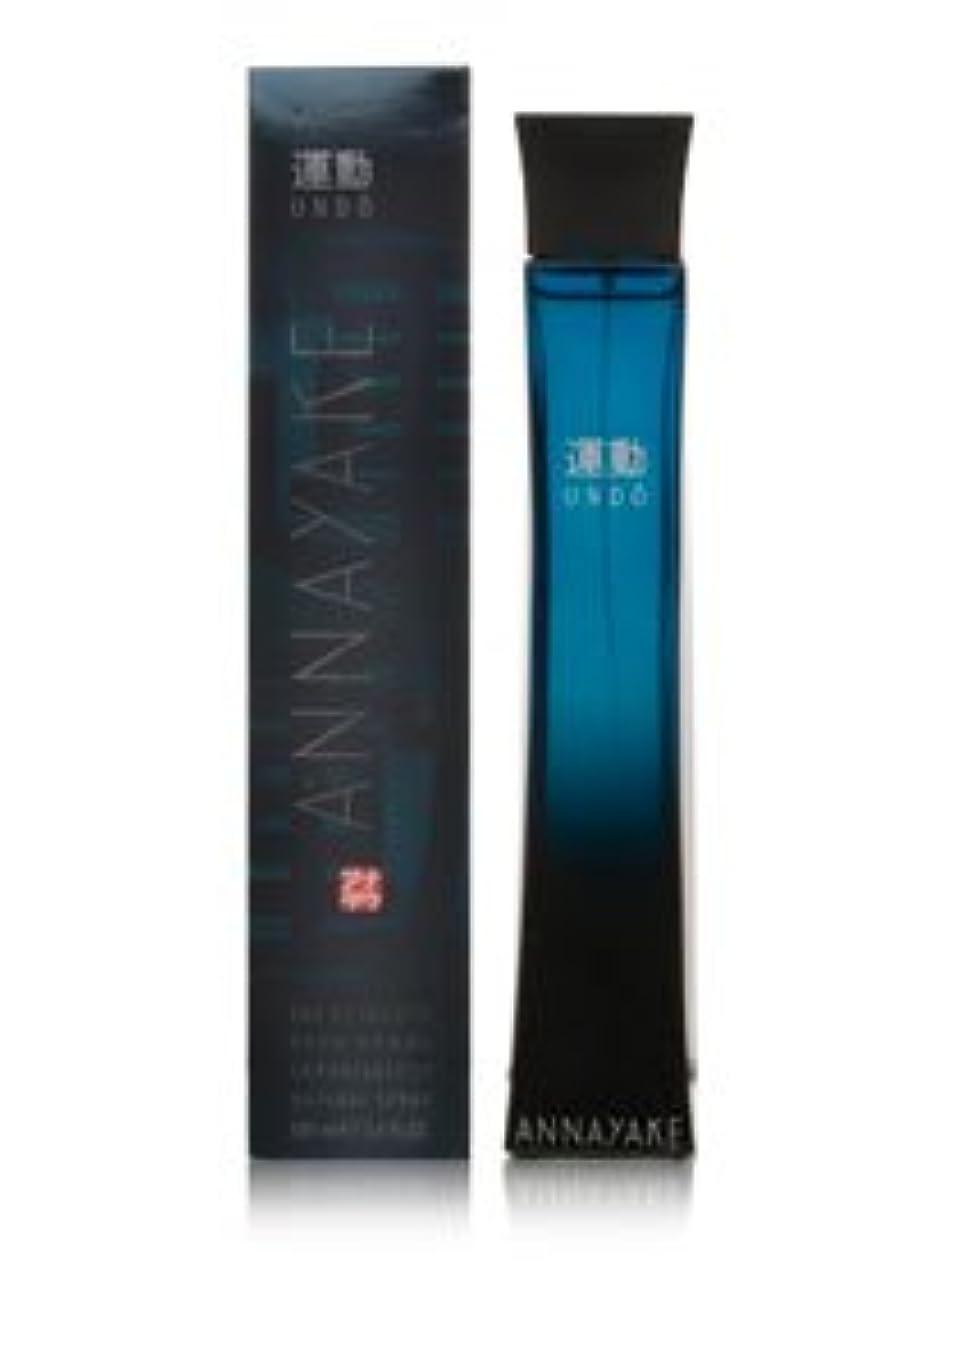 話をするテレビ局タンパク質Annayake Undo Pour Homme (アナヤケ アンドー プール オム)3.4 oz (100ml) EDT Spray (テスター/箱なし?キャップなし) for Men